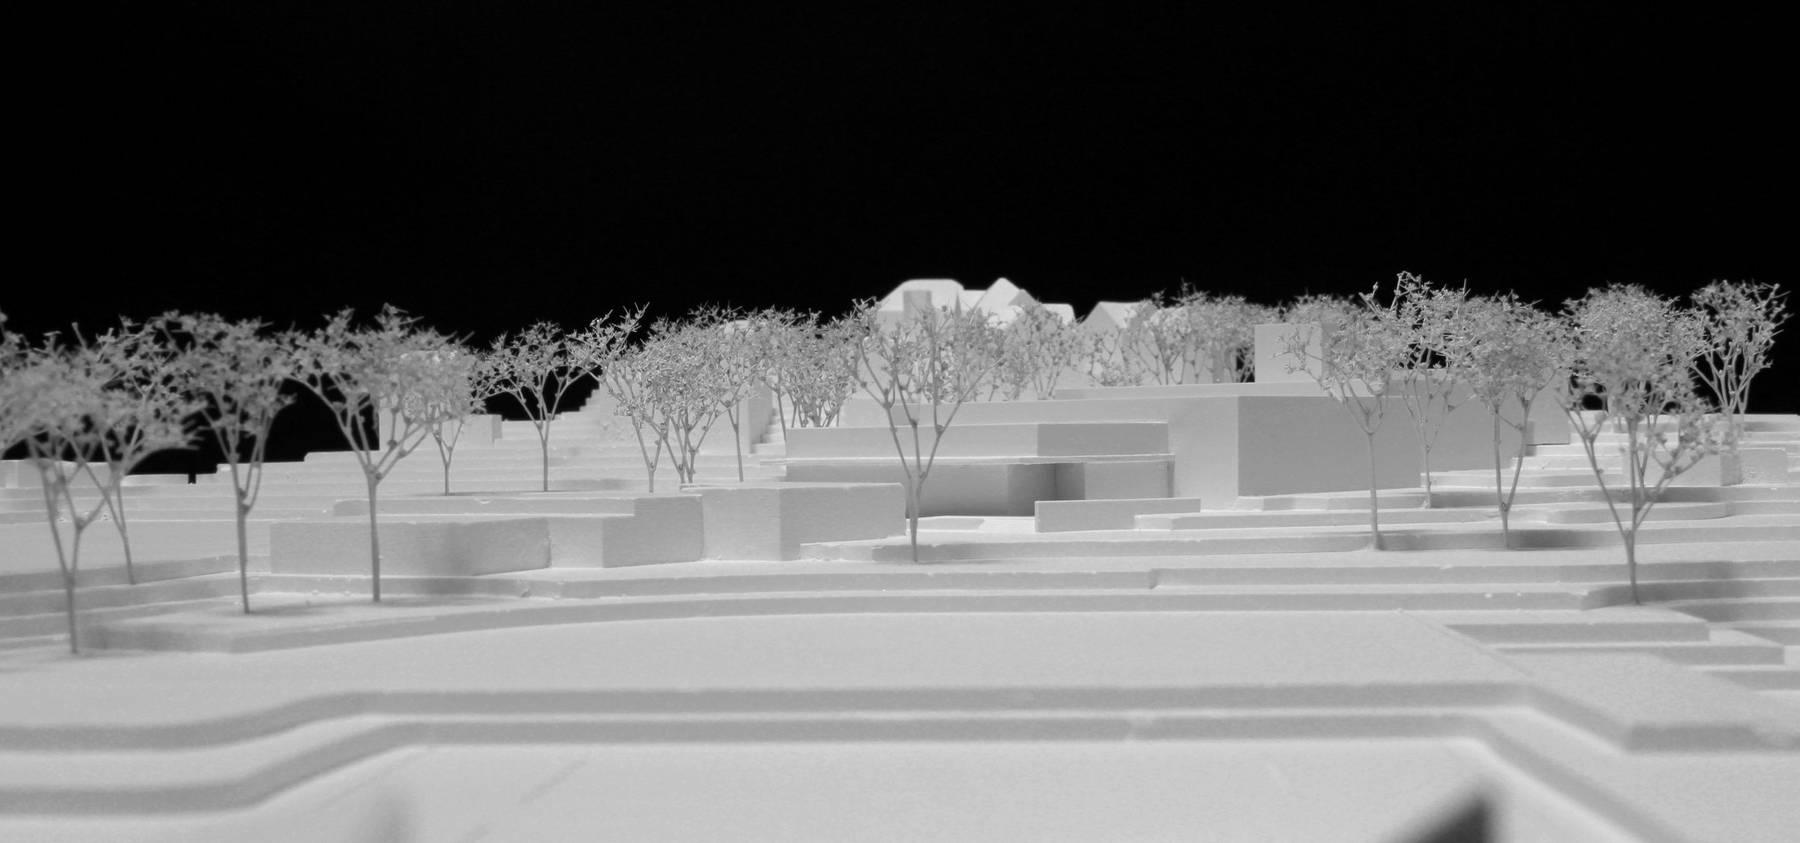 Implenia/K&L Architekten